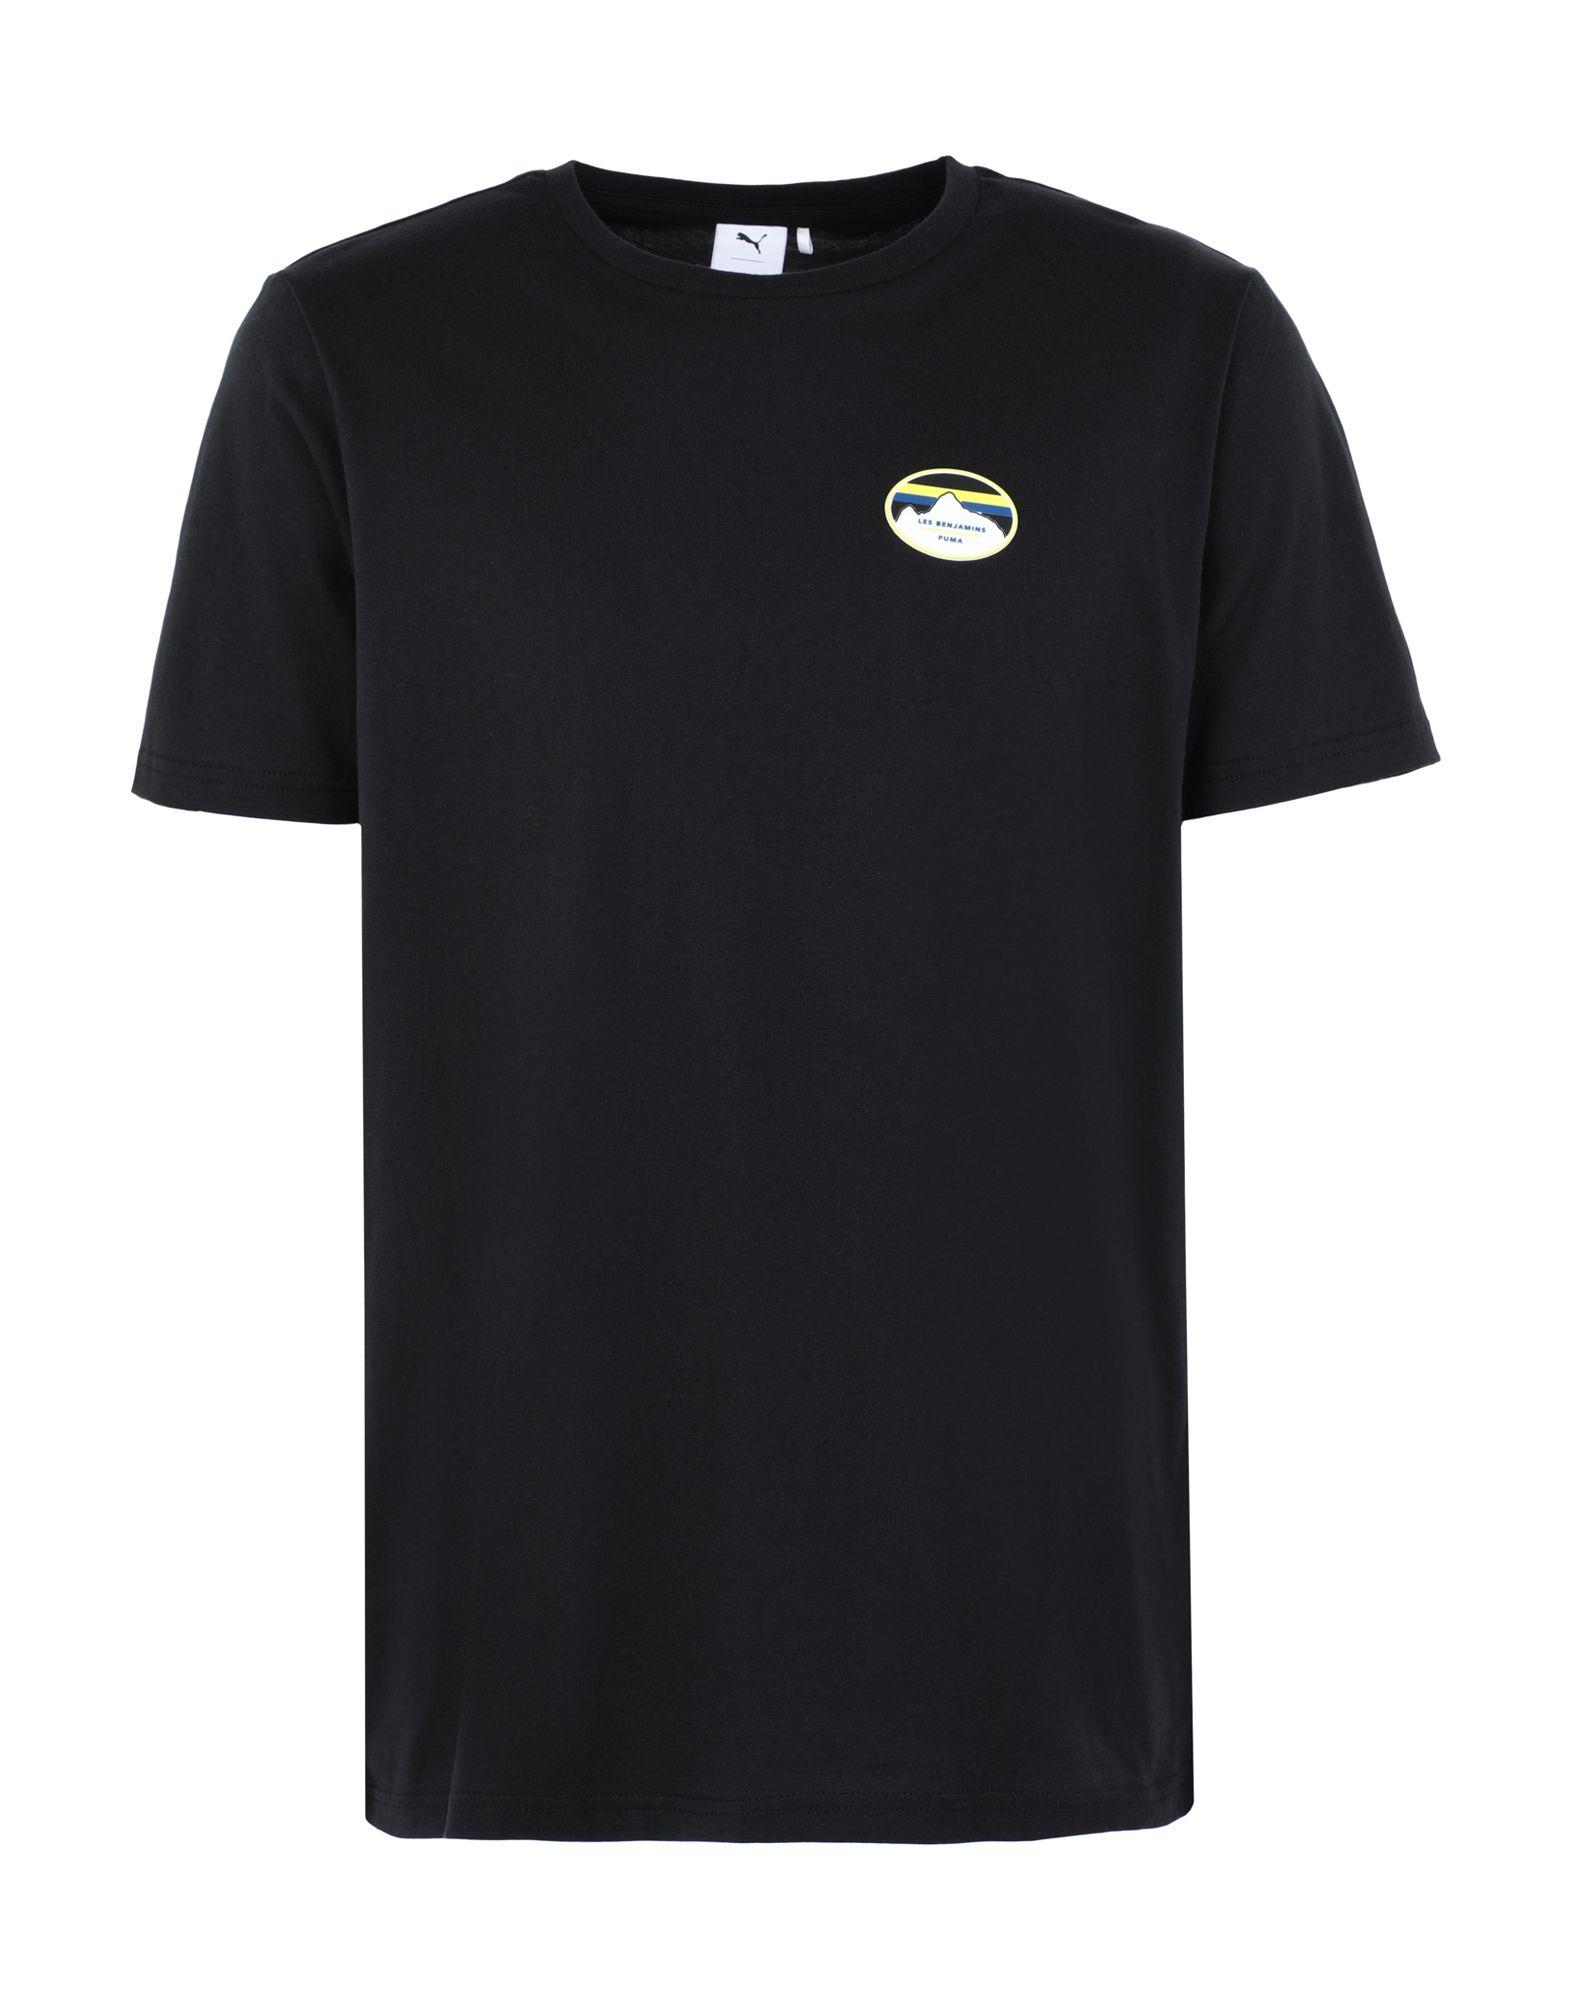 Фото - PUMA x LES BENJAMINS Футболка puma x porsche design футболка